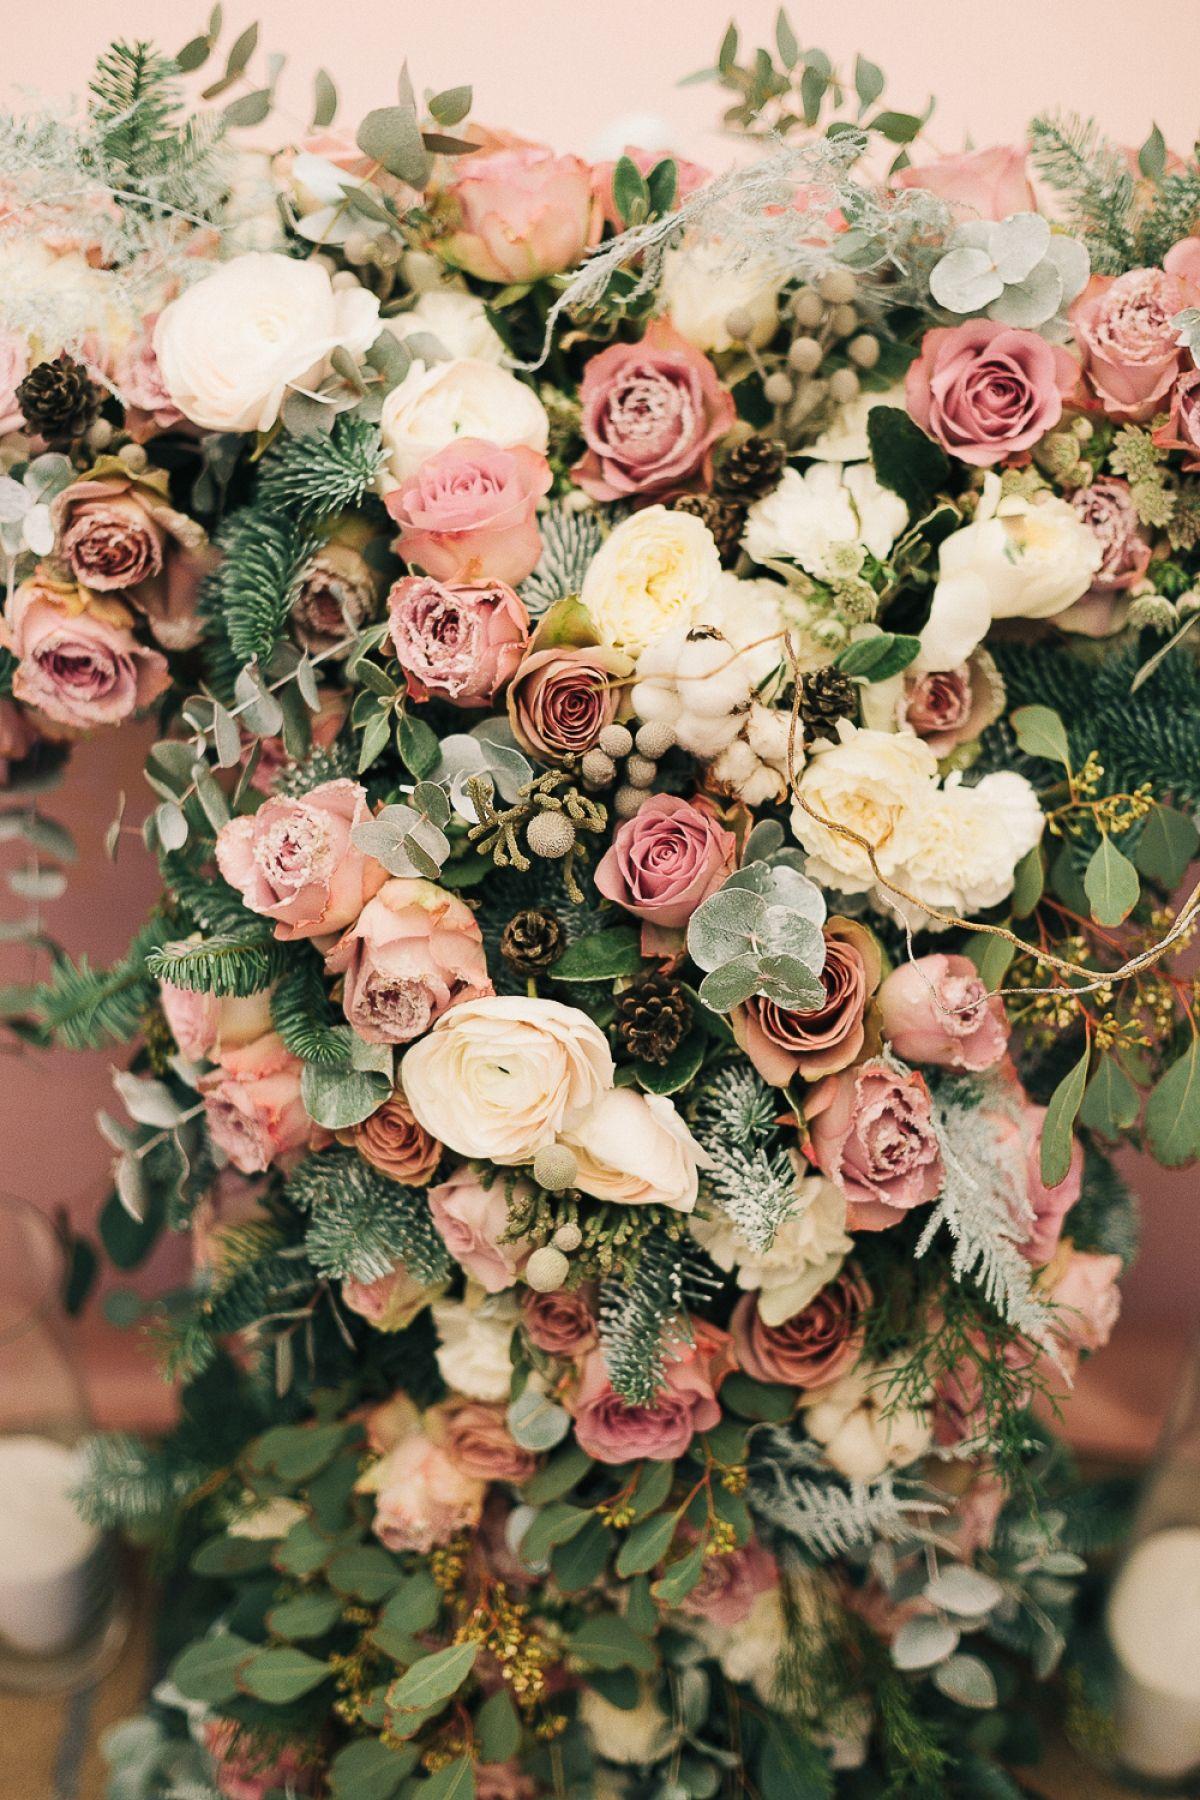 winter, wedding decor, winter ceremony, snowy wood, wedding flowers, свадьба, свадебная церемония, свадебная арка, оформление церемонии, зимний декор, зимняя свадьба, волшебный лес, свадебная флористика